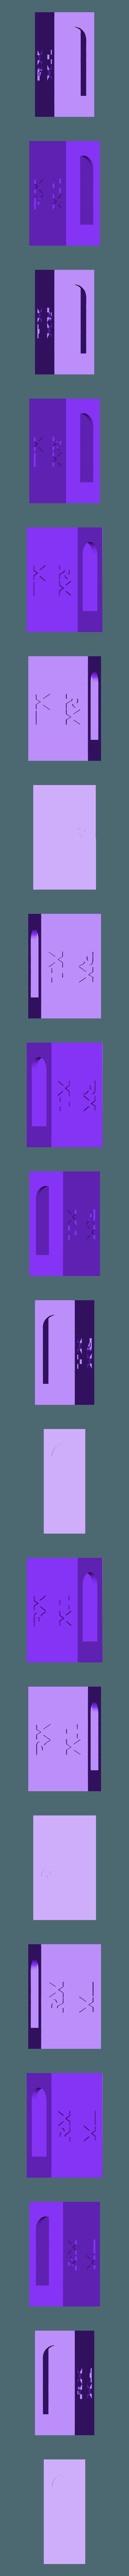 2_sfp_tx_rx.stl Télécharger fichier STL gratuit sfp x2 box • Objet pour impression 3D, gerald85